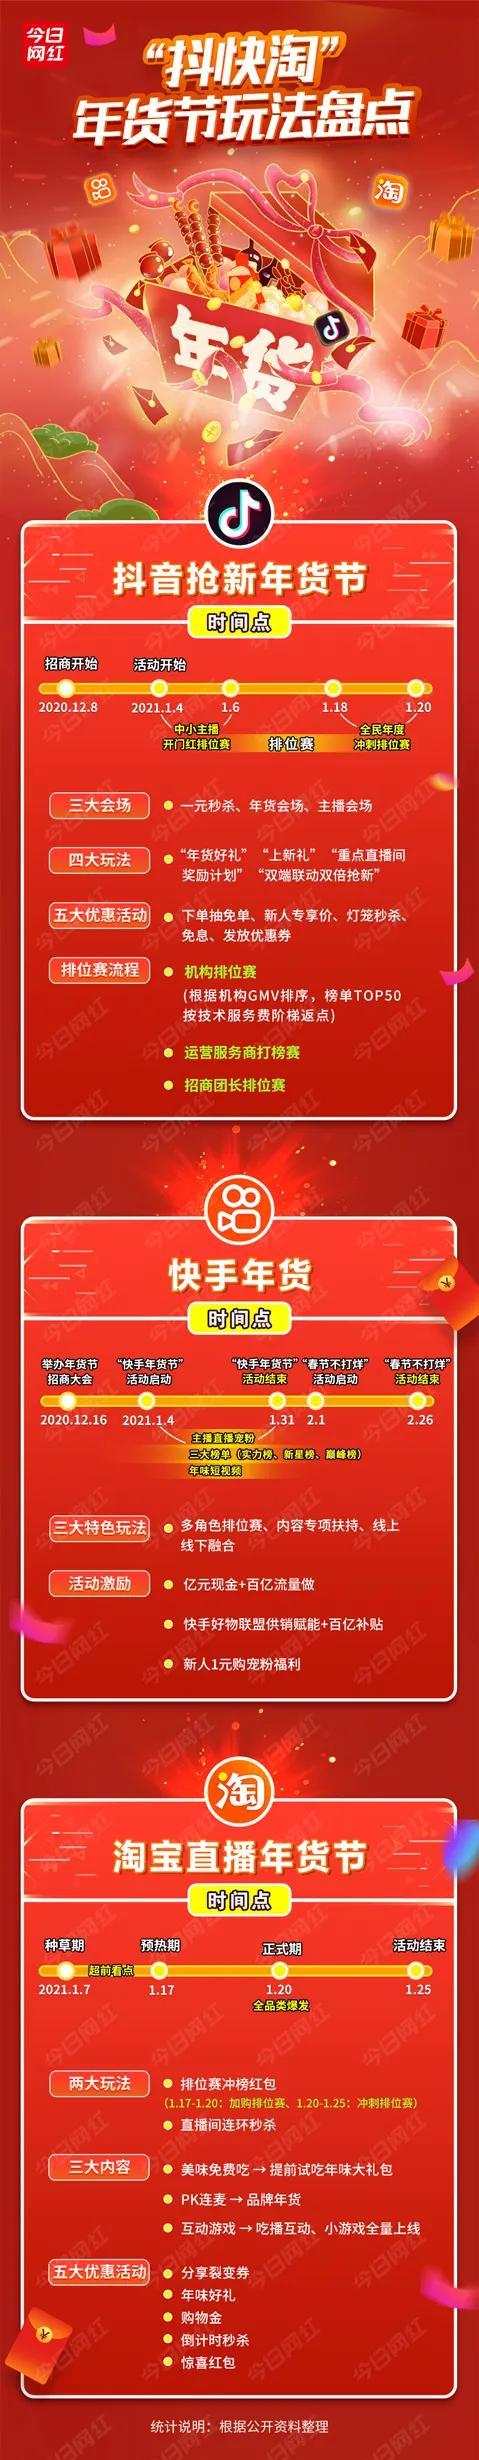 """亿元现金、百亿流量补贴,<a href='https://www.zhouxiaohui.cn/duanshipin/'>直播电商</a>平台激战""""年货节""""-第2张图片-周小辉博客"""